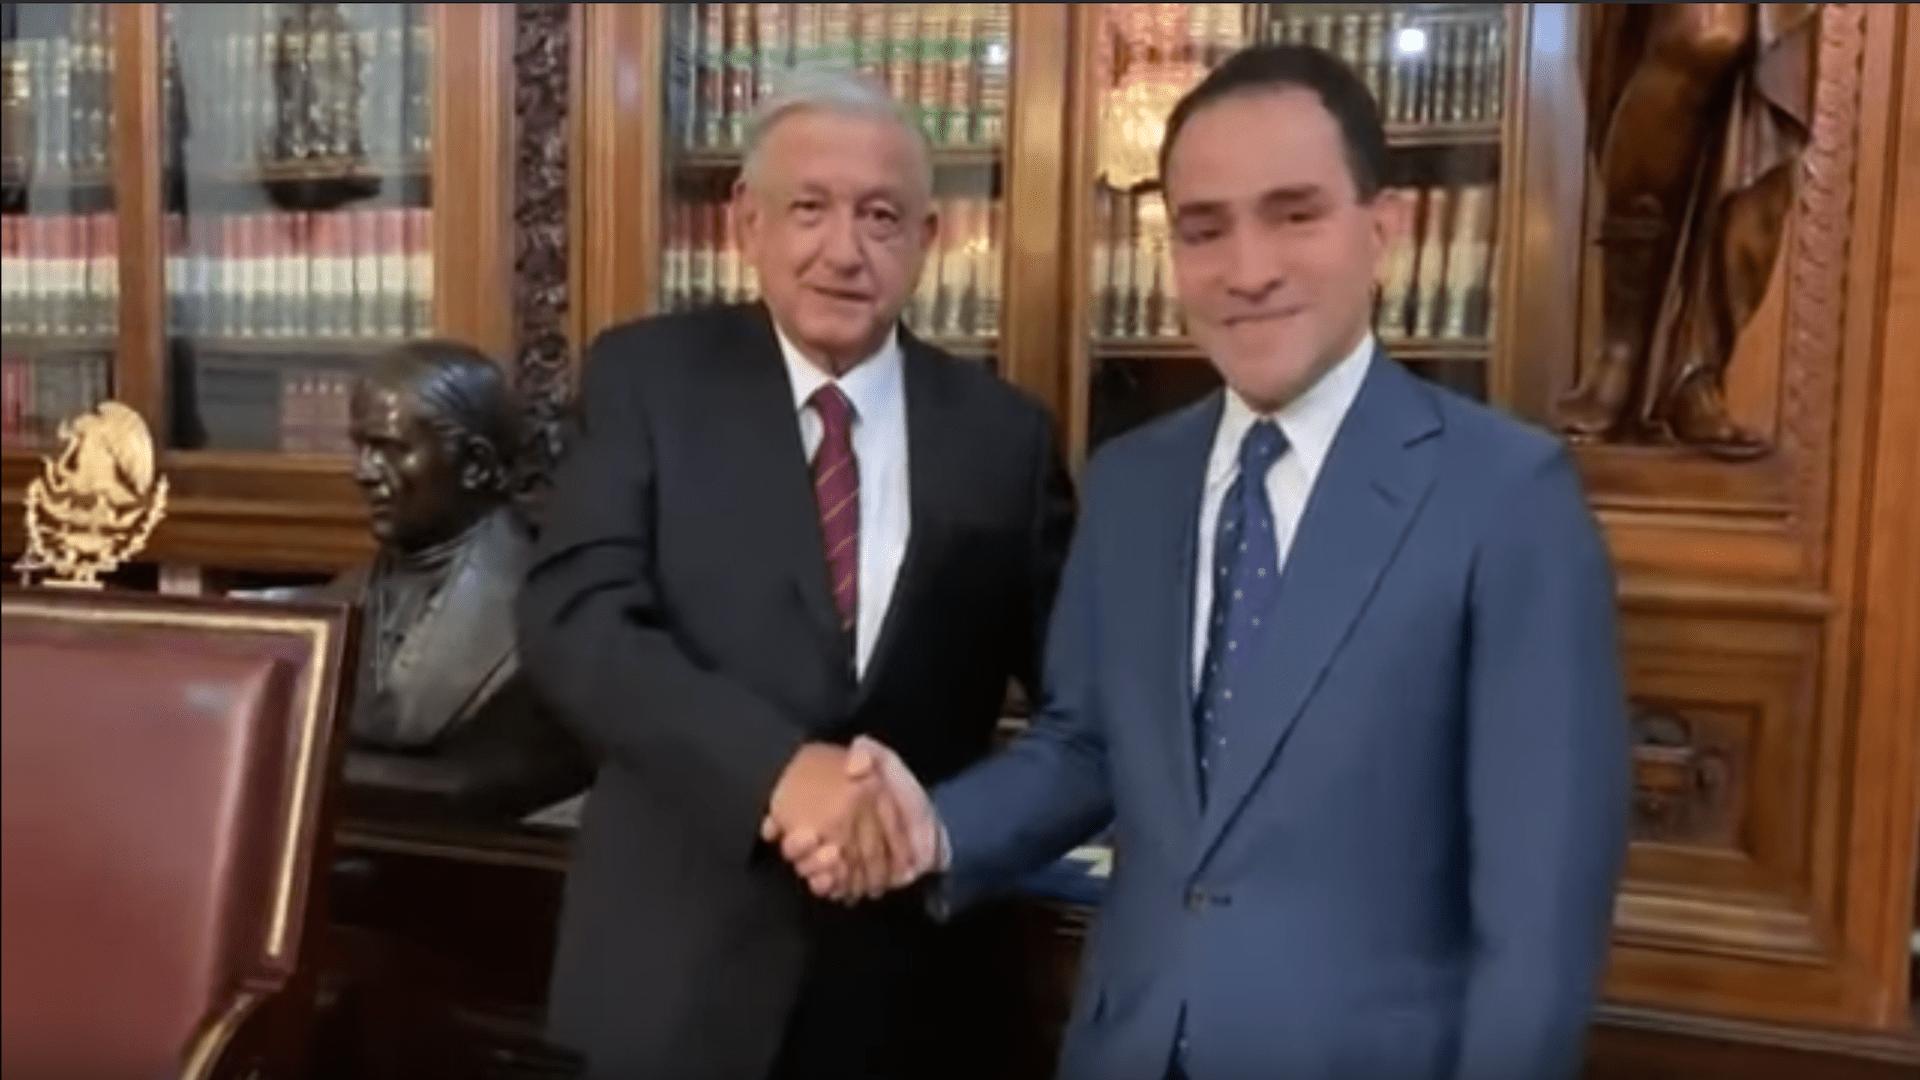 En Palacio Nacional, presidente López Obrador nombra a Arturo Herrera Gutiérrez como nuevo titular de la SHCP